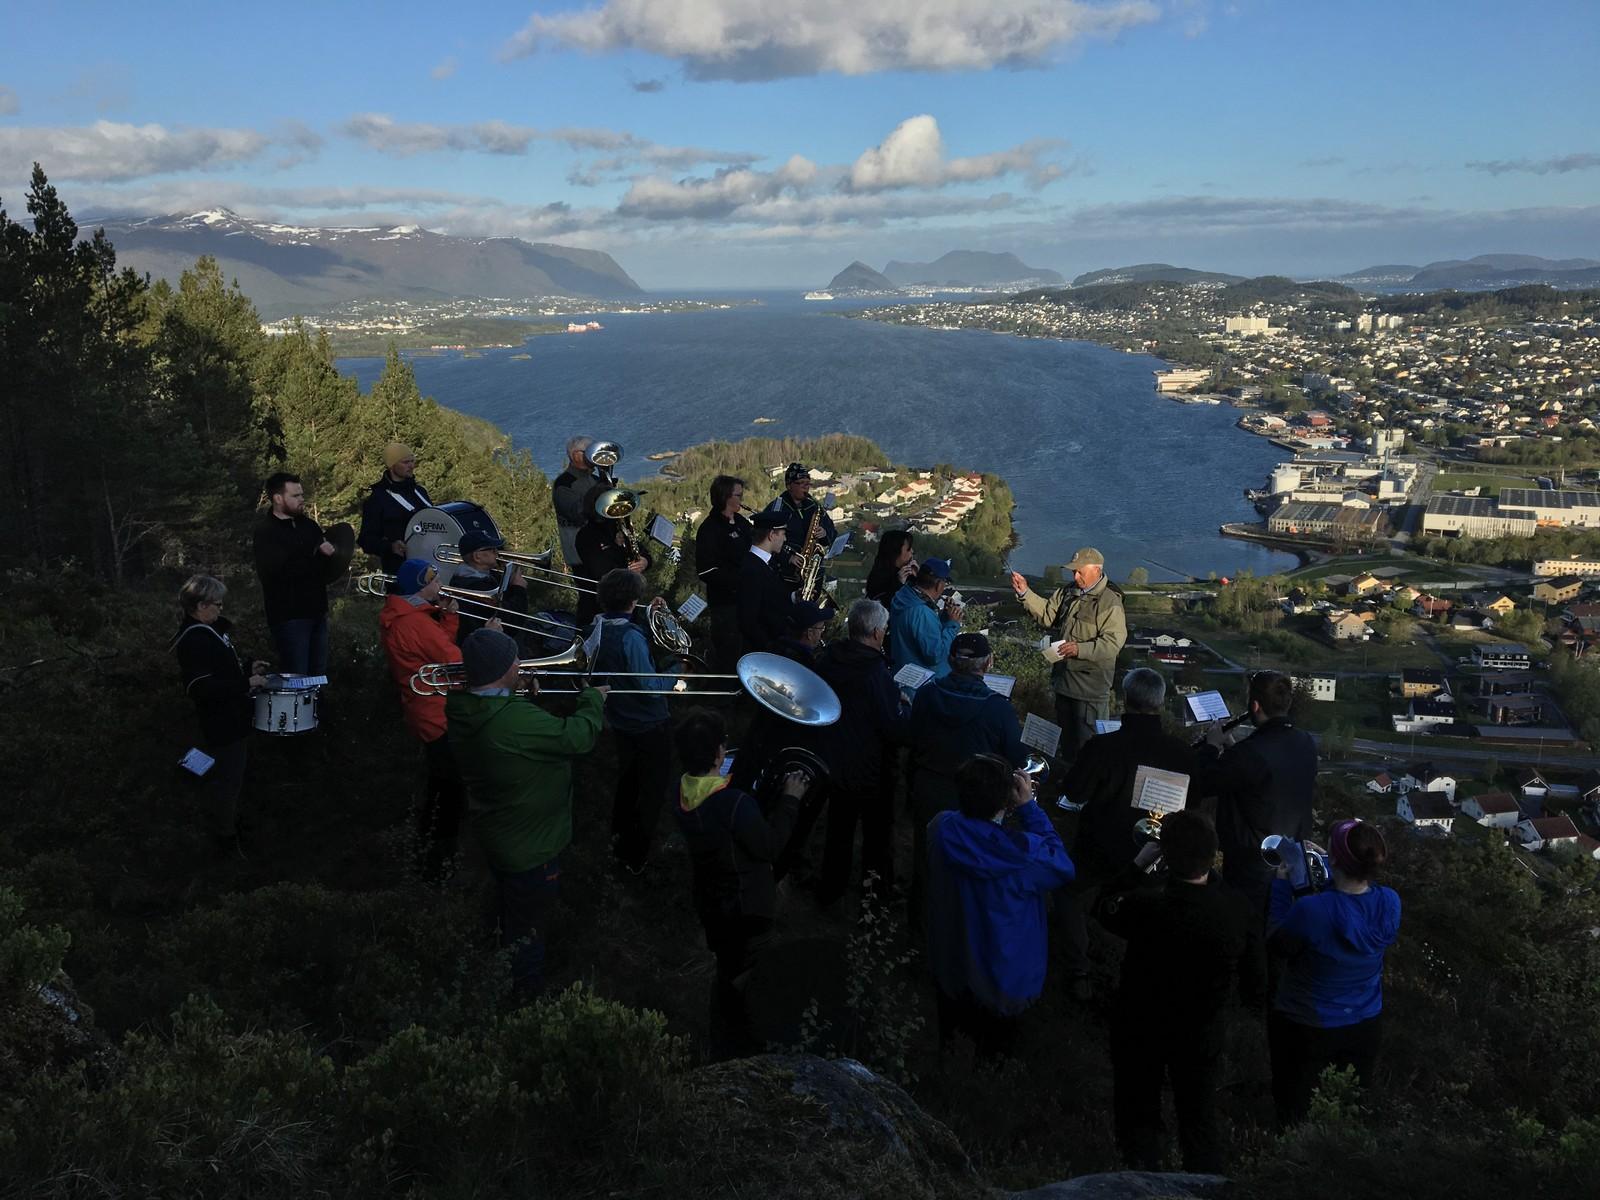 Musikklaget Brage spela på Kollen i Spjelkakvik